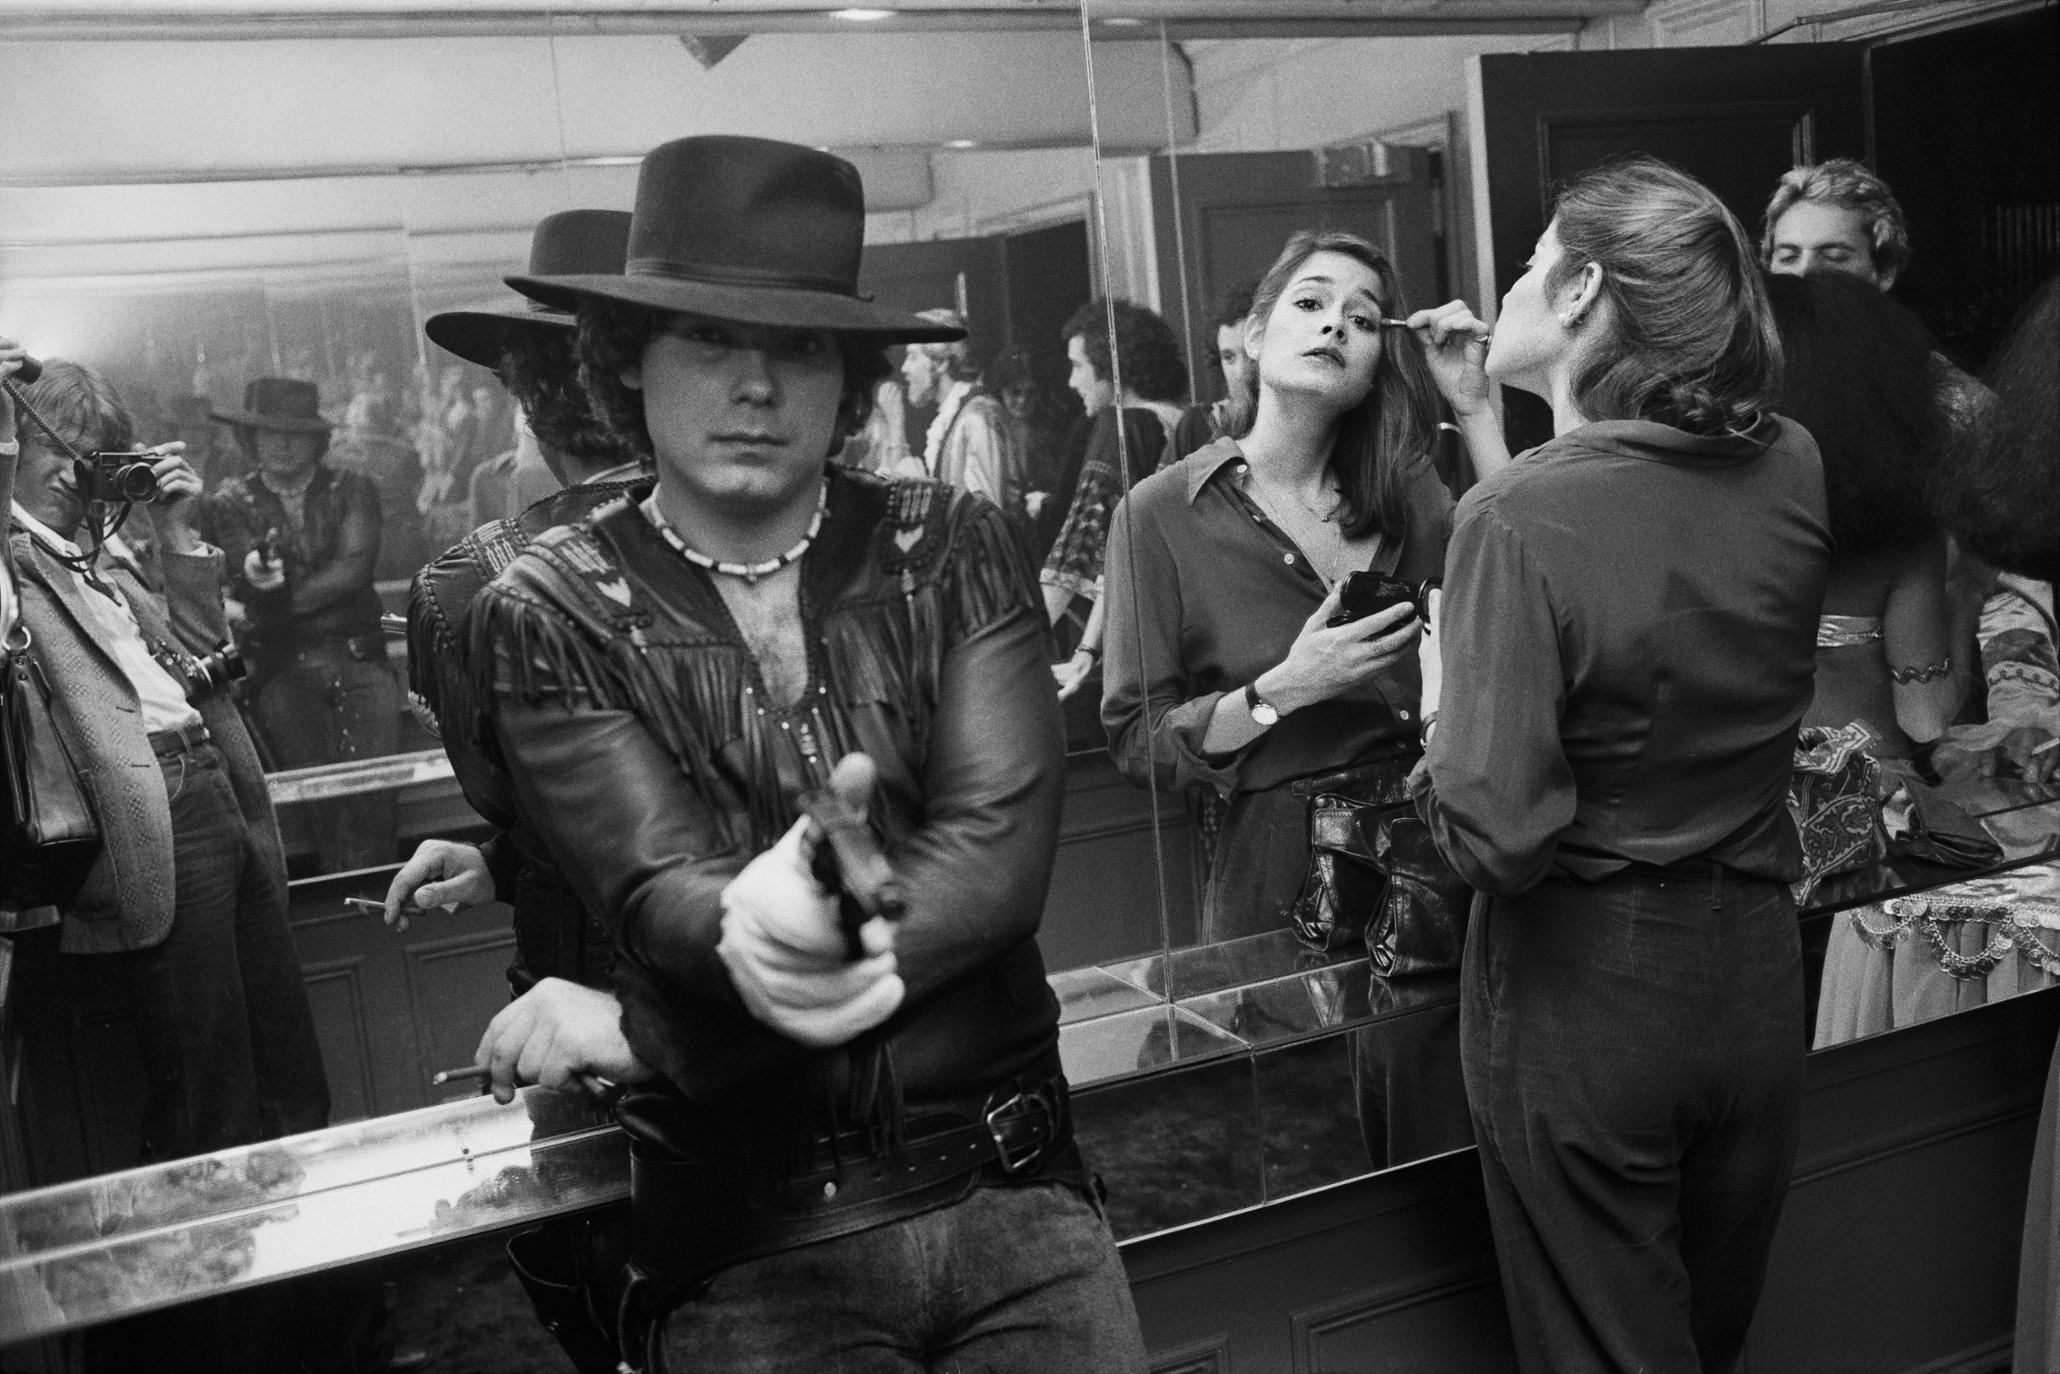 70年代美國紐約傳奇夜店「Studio 54」,政商名流性解放、嬉皮爆棚的 Disco 盛世15